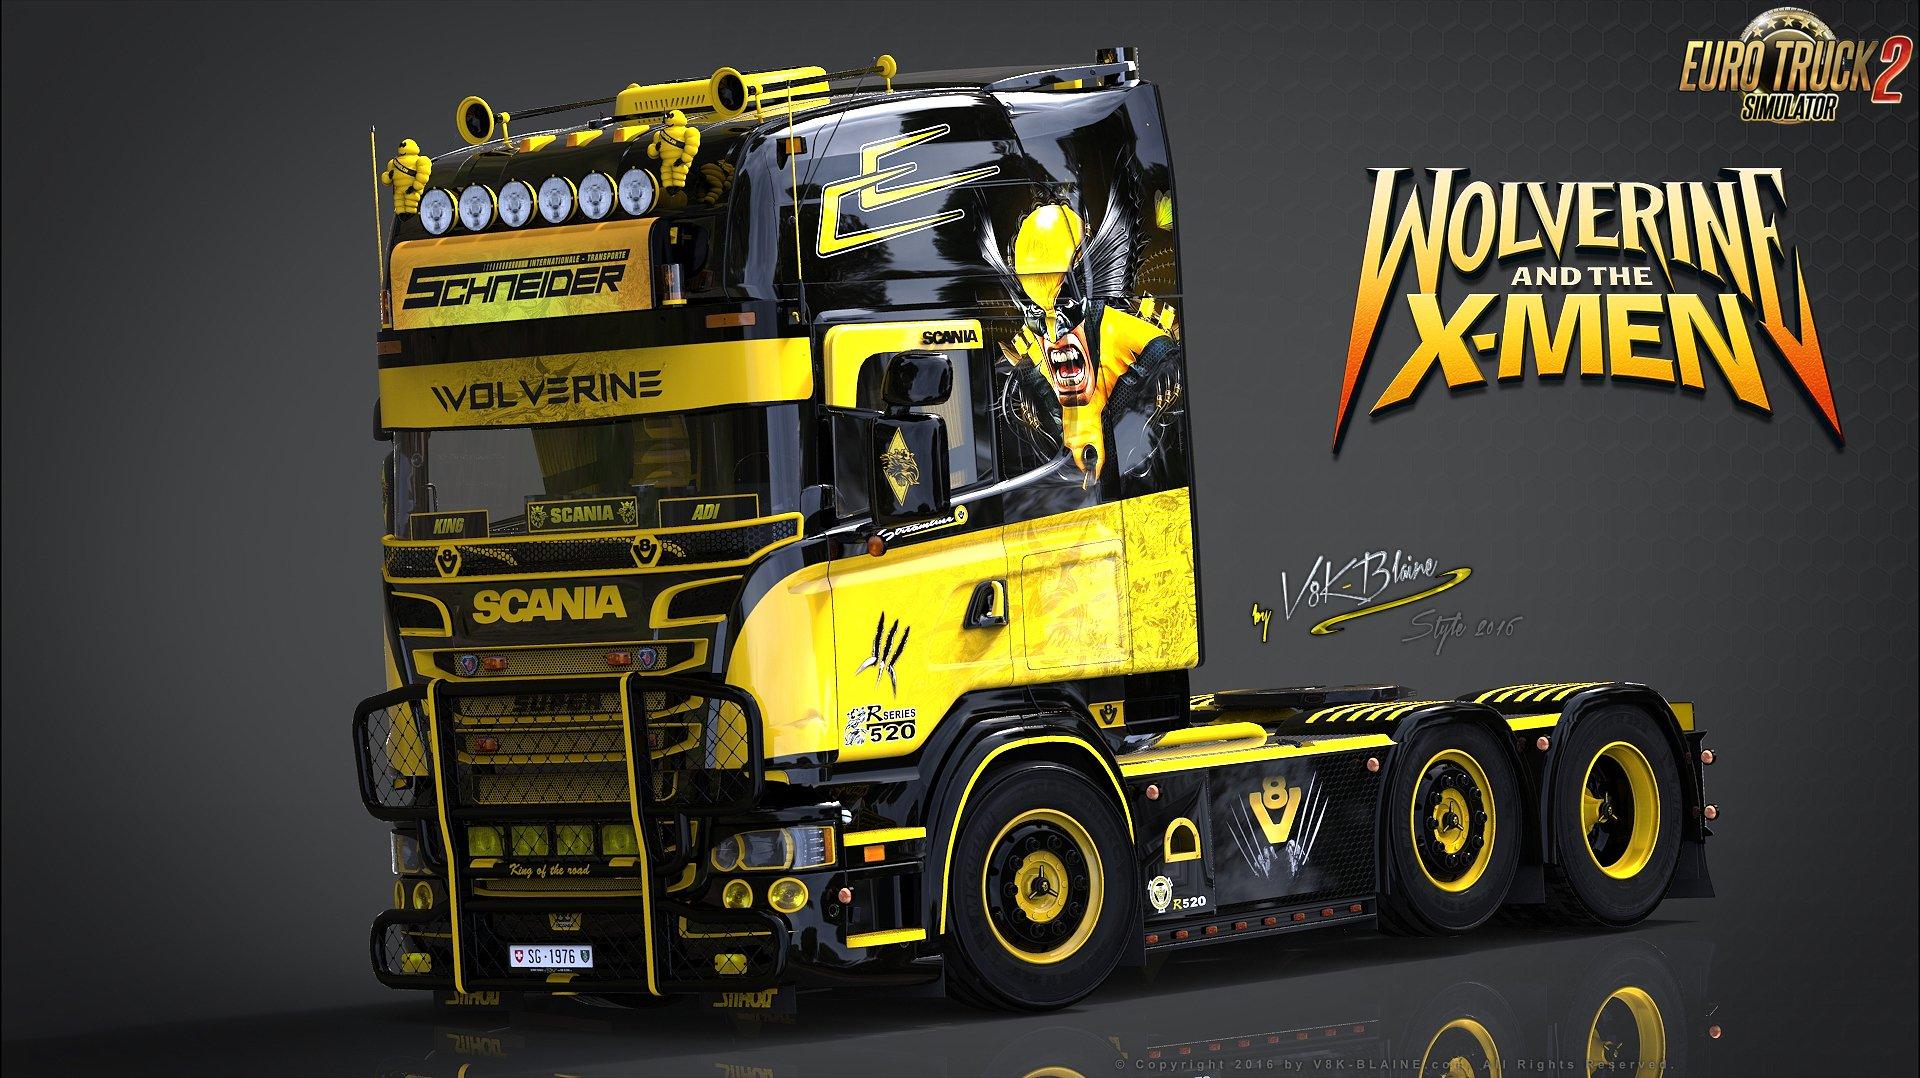 V8K R520 Wolverine Scania Amp Wolverine Trailer Skin V10 127x ETS2 Mods SCS Mods Euro